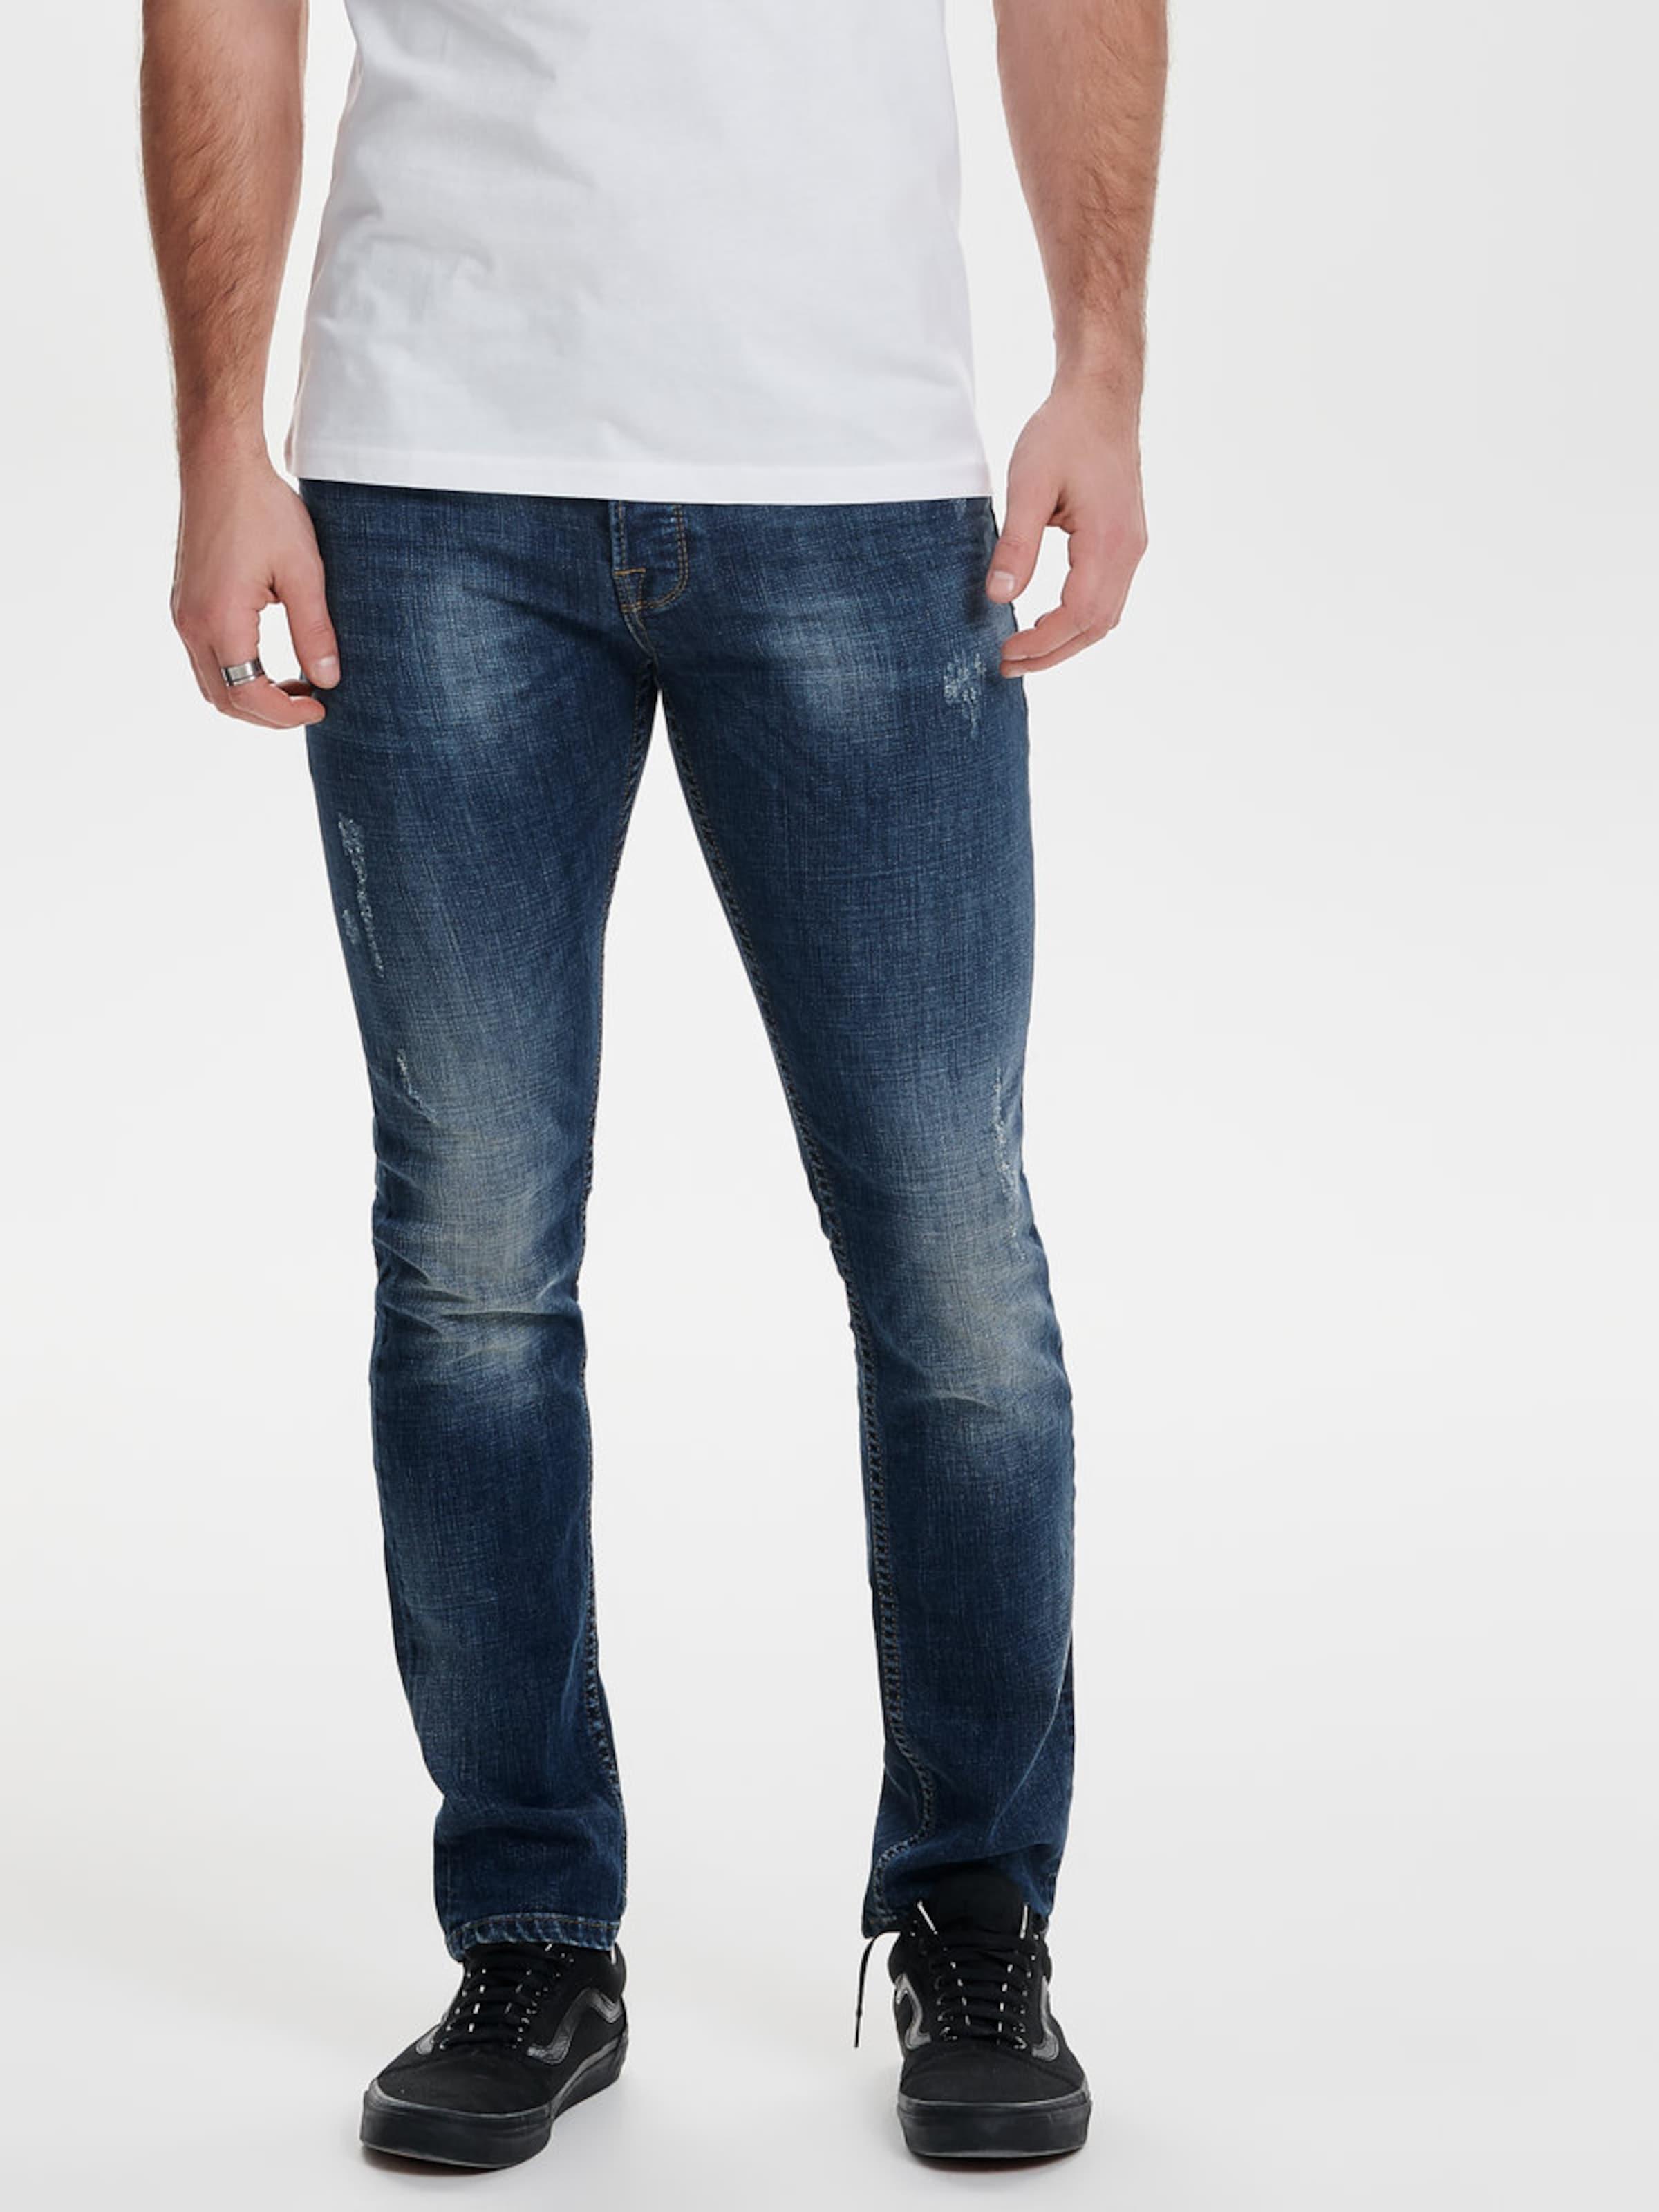 Only & Sons Loom blue damage Slim Fit Jeans Große Auswahl An Günstigen Online 2018 Unisex Günstig Online Beliebt VaMQ6EnNhD